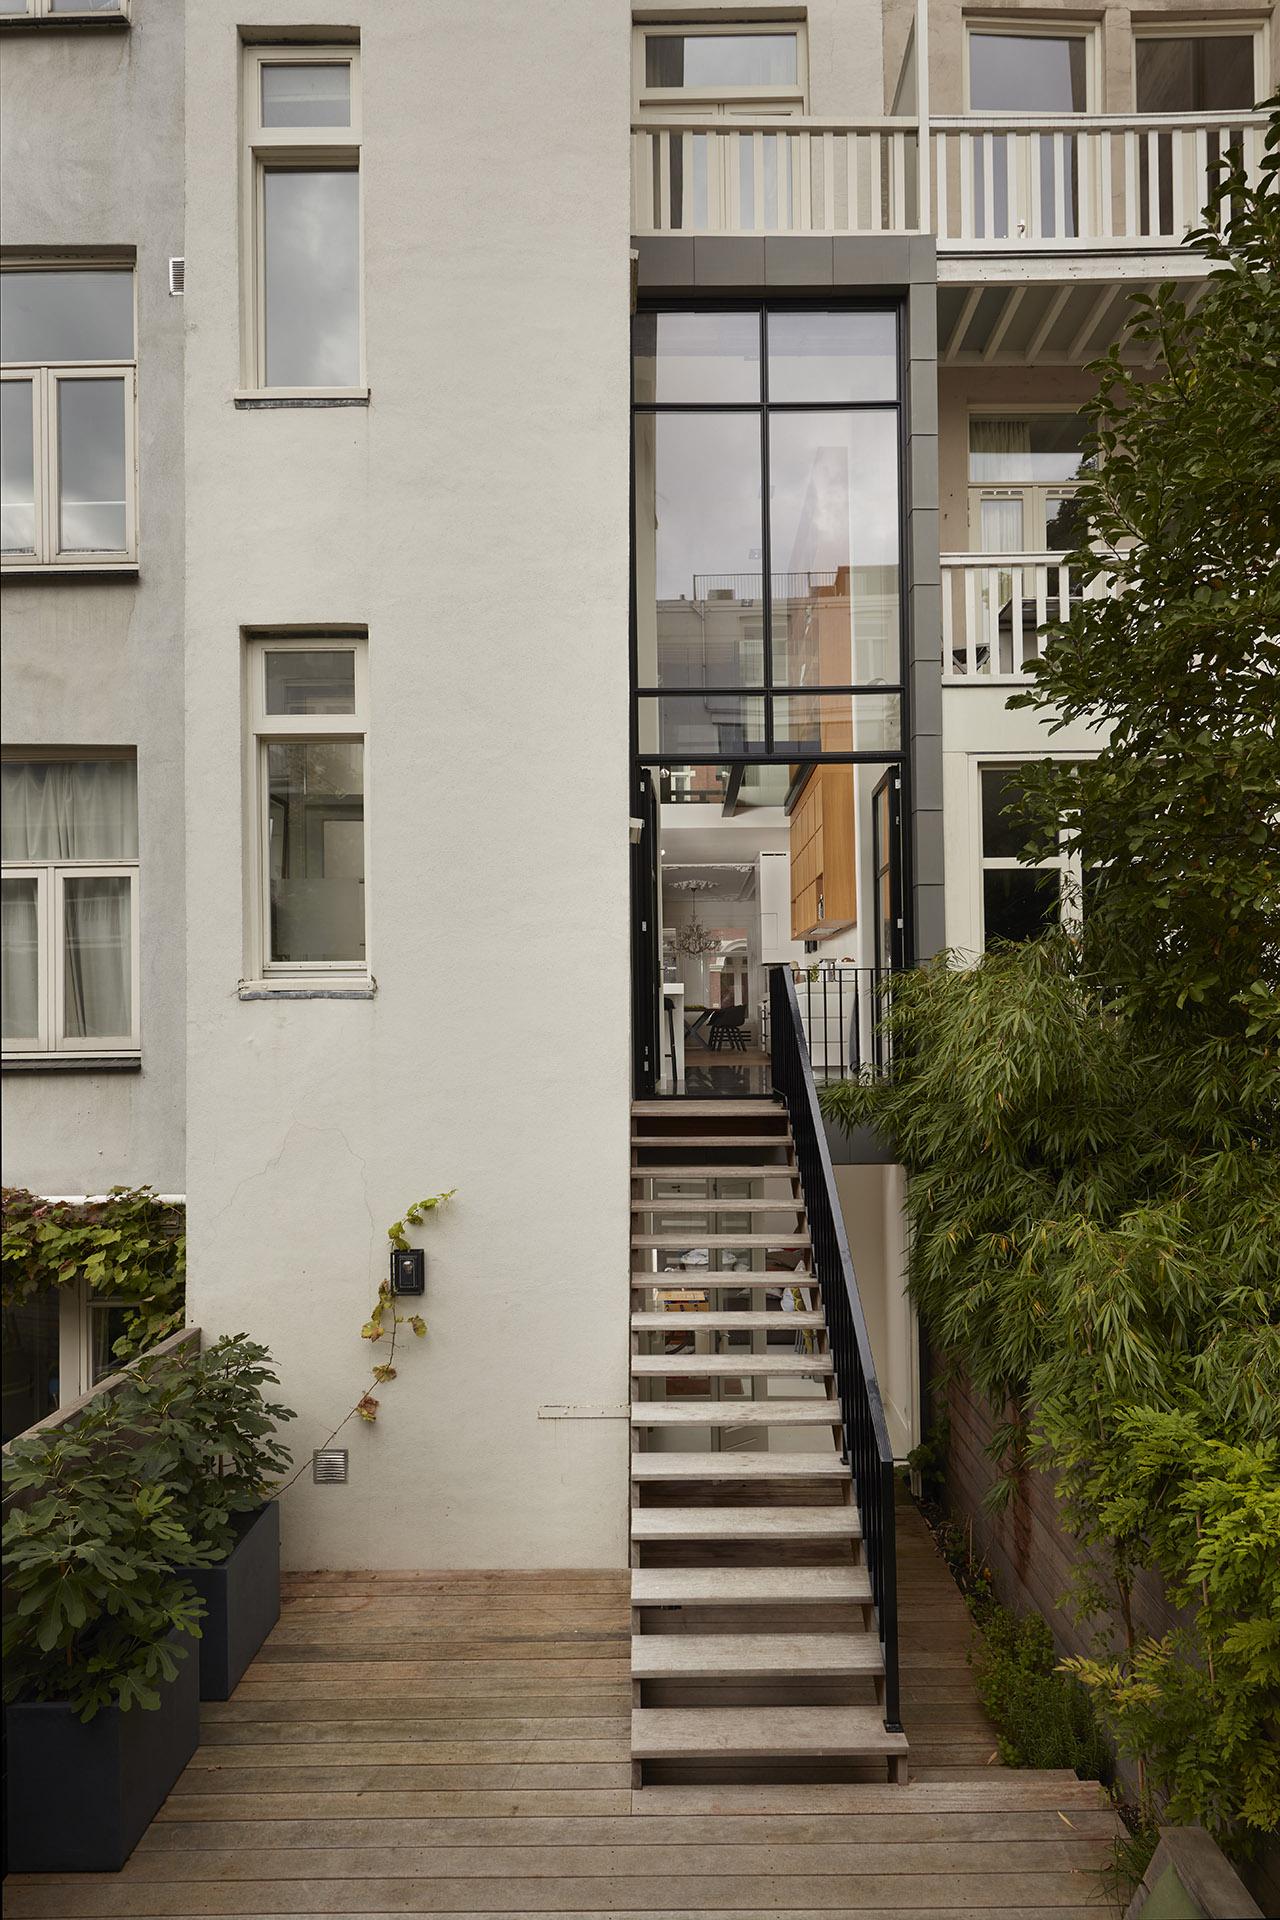 <p>Fotografie: Herman van Heusden</p>